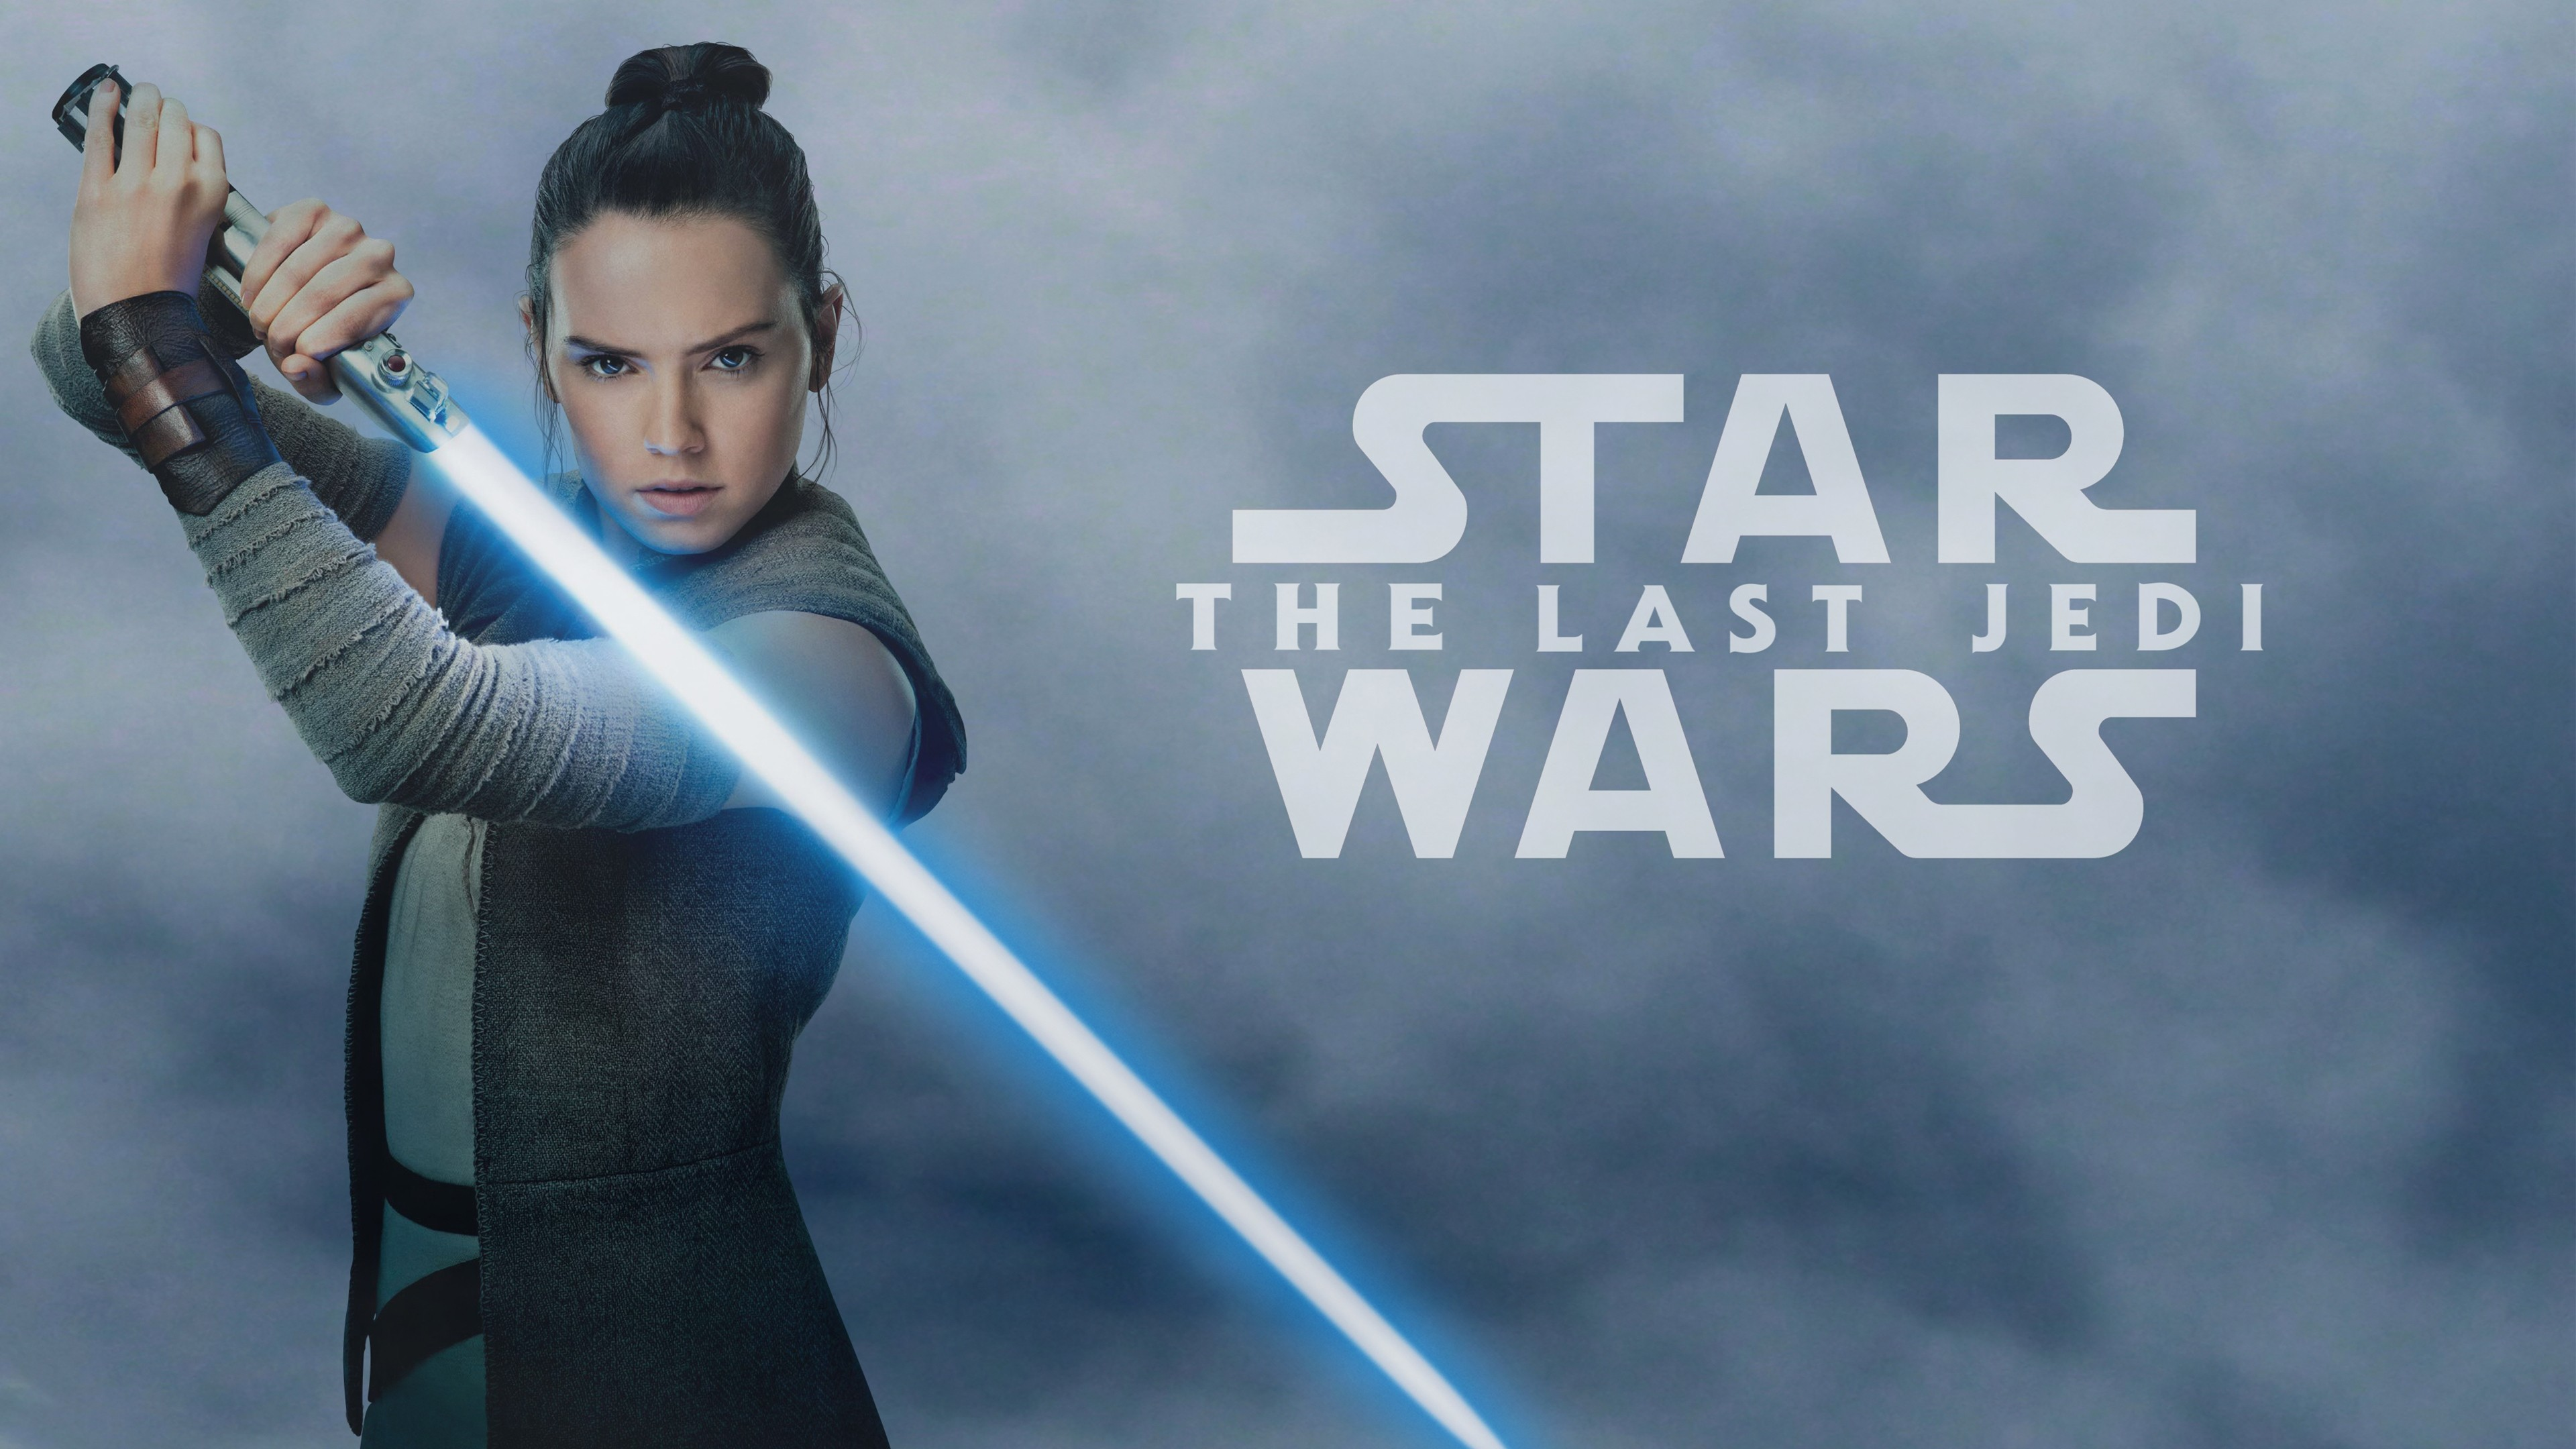 Wallpaper Star Wars The Last Jedi Daisy Ridley 4k Movies 16572